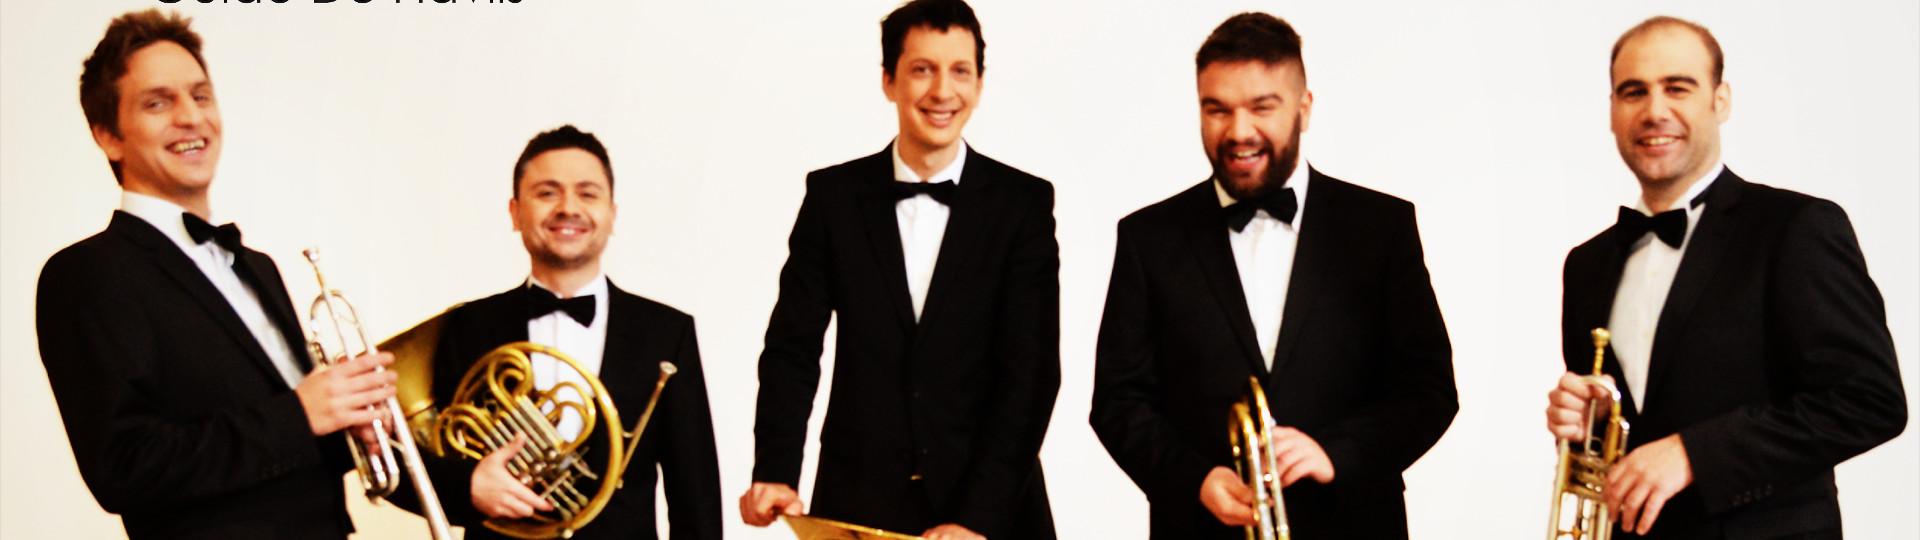 «Συναυλία Ventus Ensemble - Έργα για χάλκινα πνευστά» στο Ωδείο Αθηνών